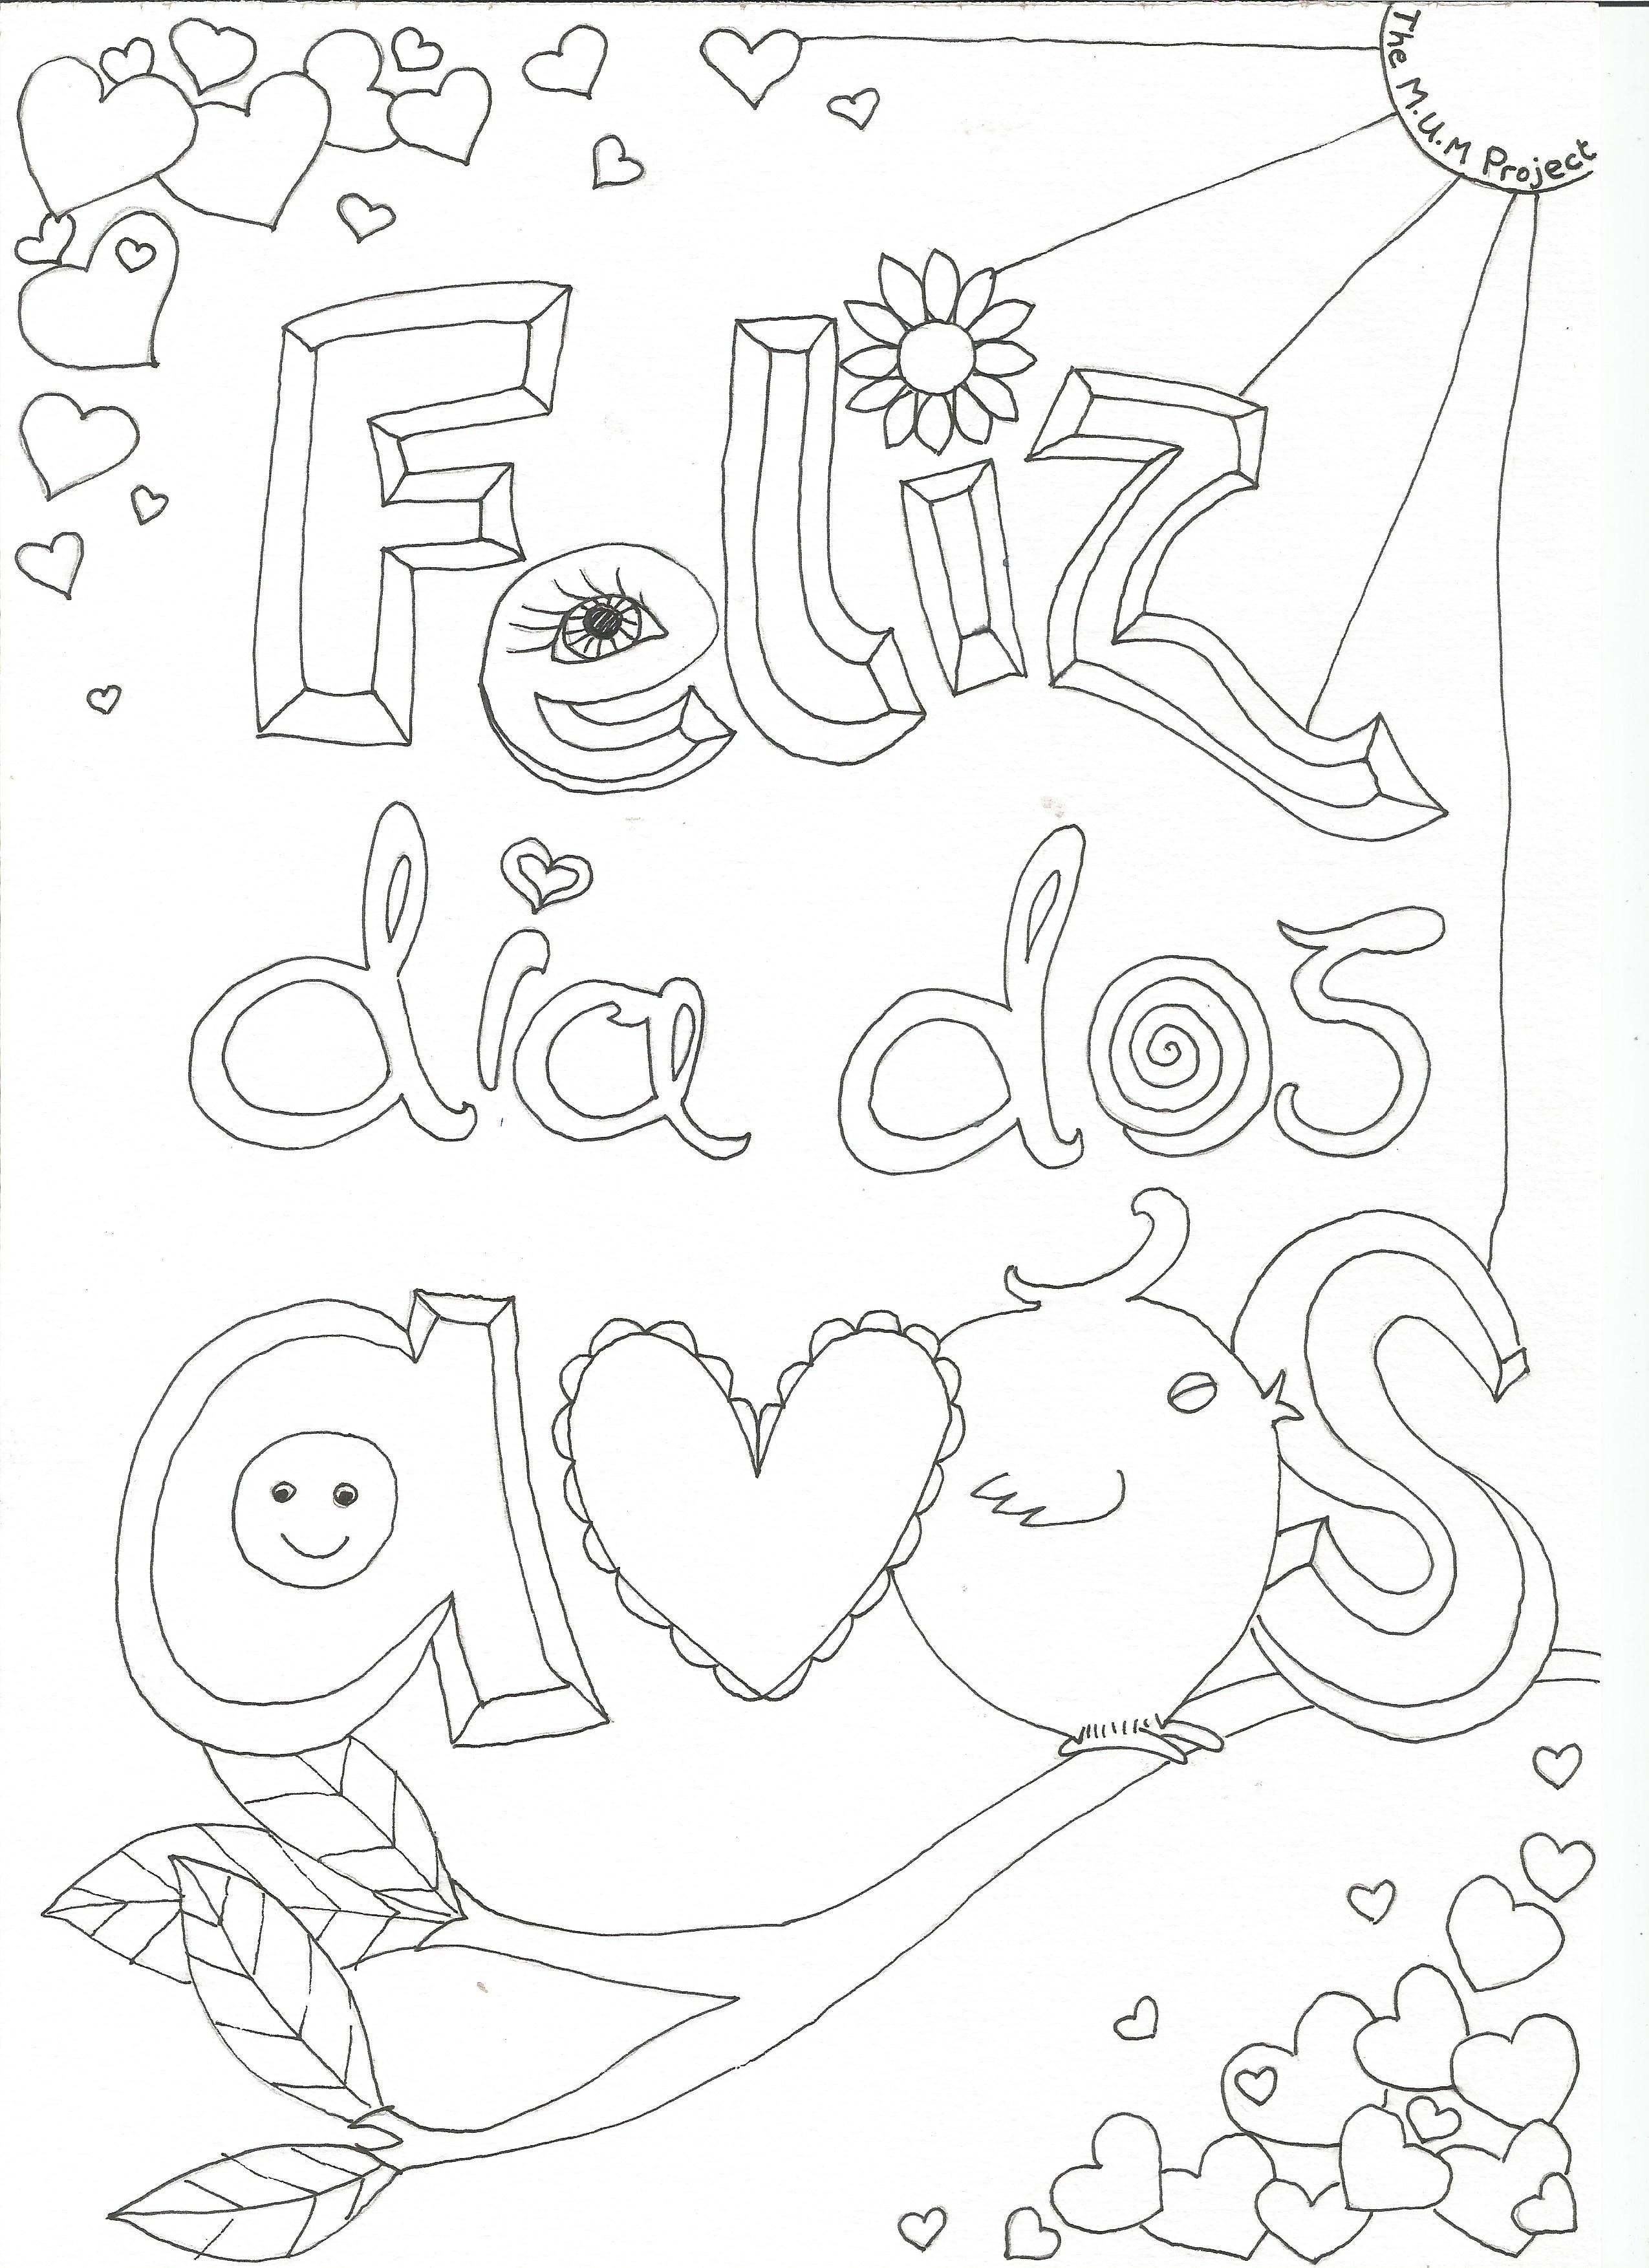 Novo Desenho Para Colorir Dia Dos Avos Atividades Para Dia Dos